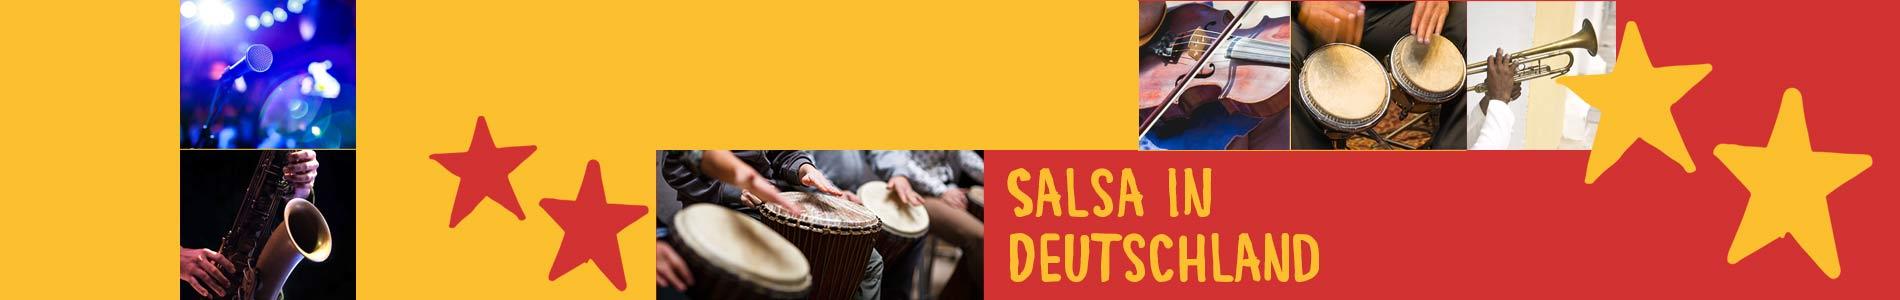 Salsa in Claußnitz – Salsa lernen und tanzen, Tanzkurse, Partys, Veranstaltungen